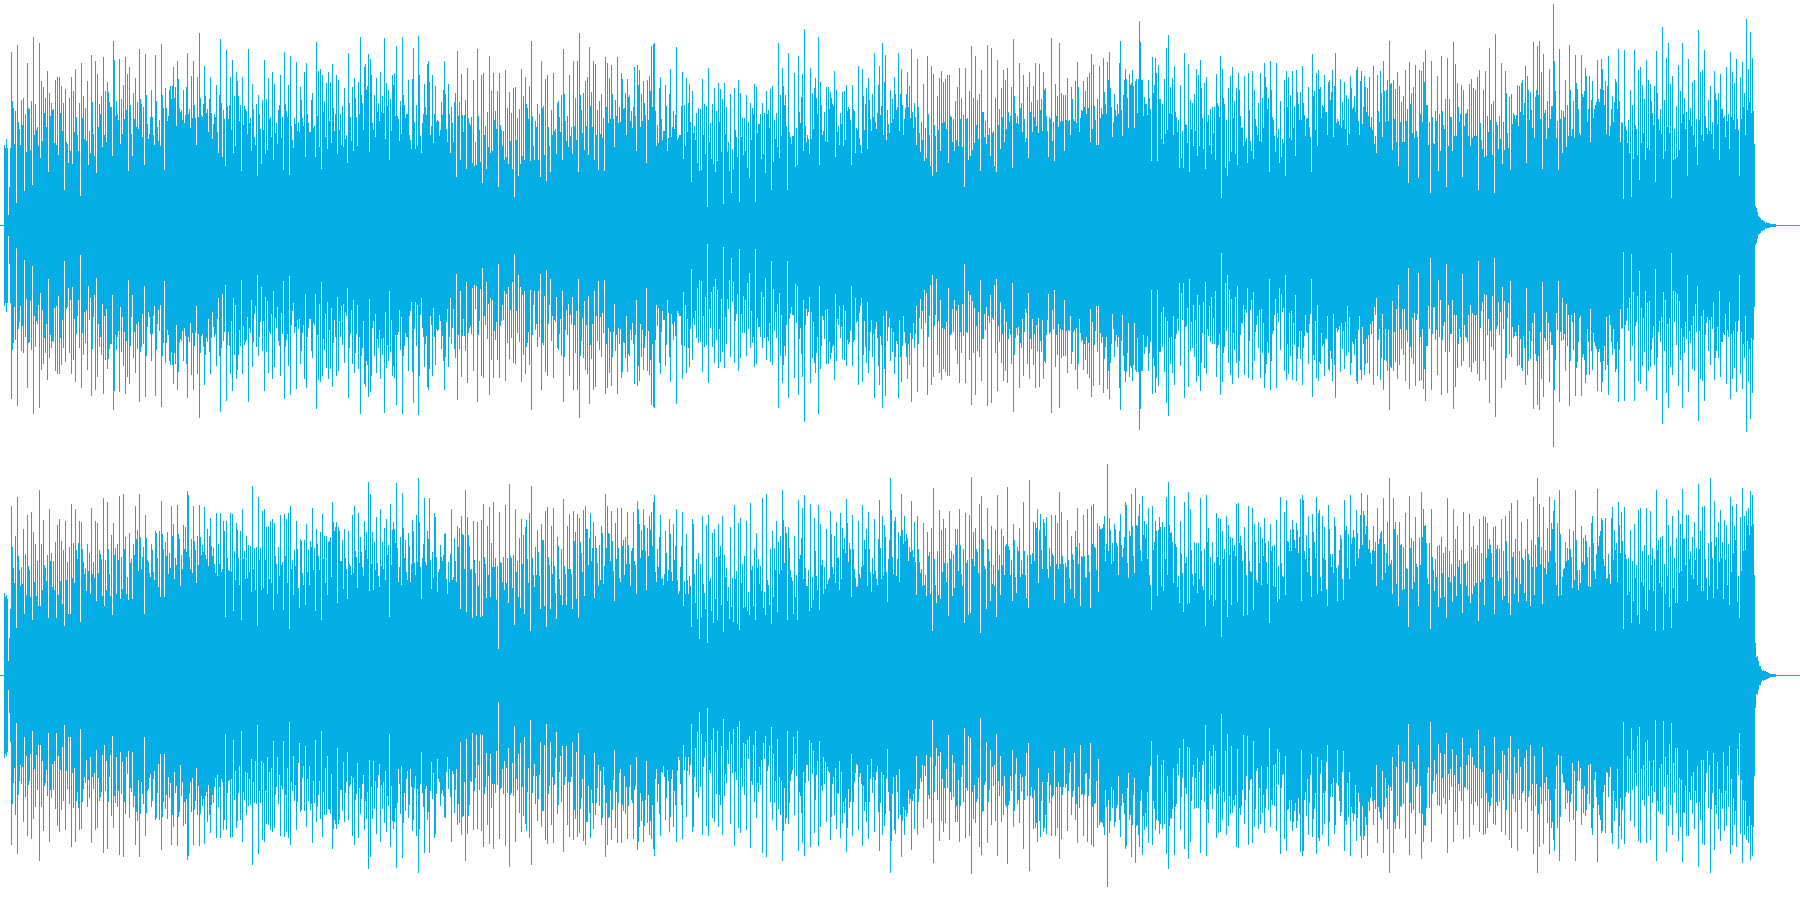 コミカルで楽しいメロディのポップスの再生済みの波形